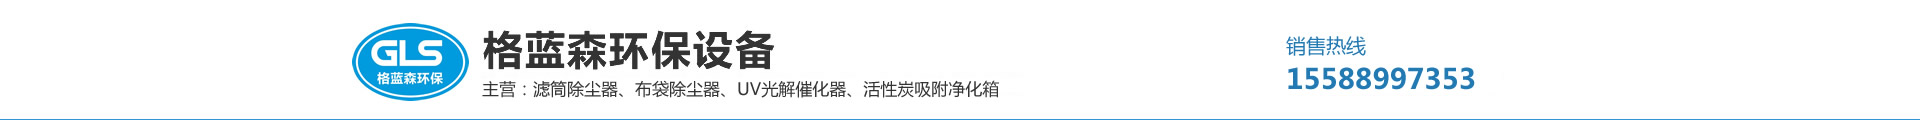 青島格藍森環保設備有限公司